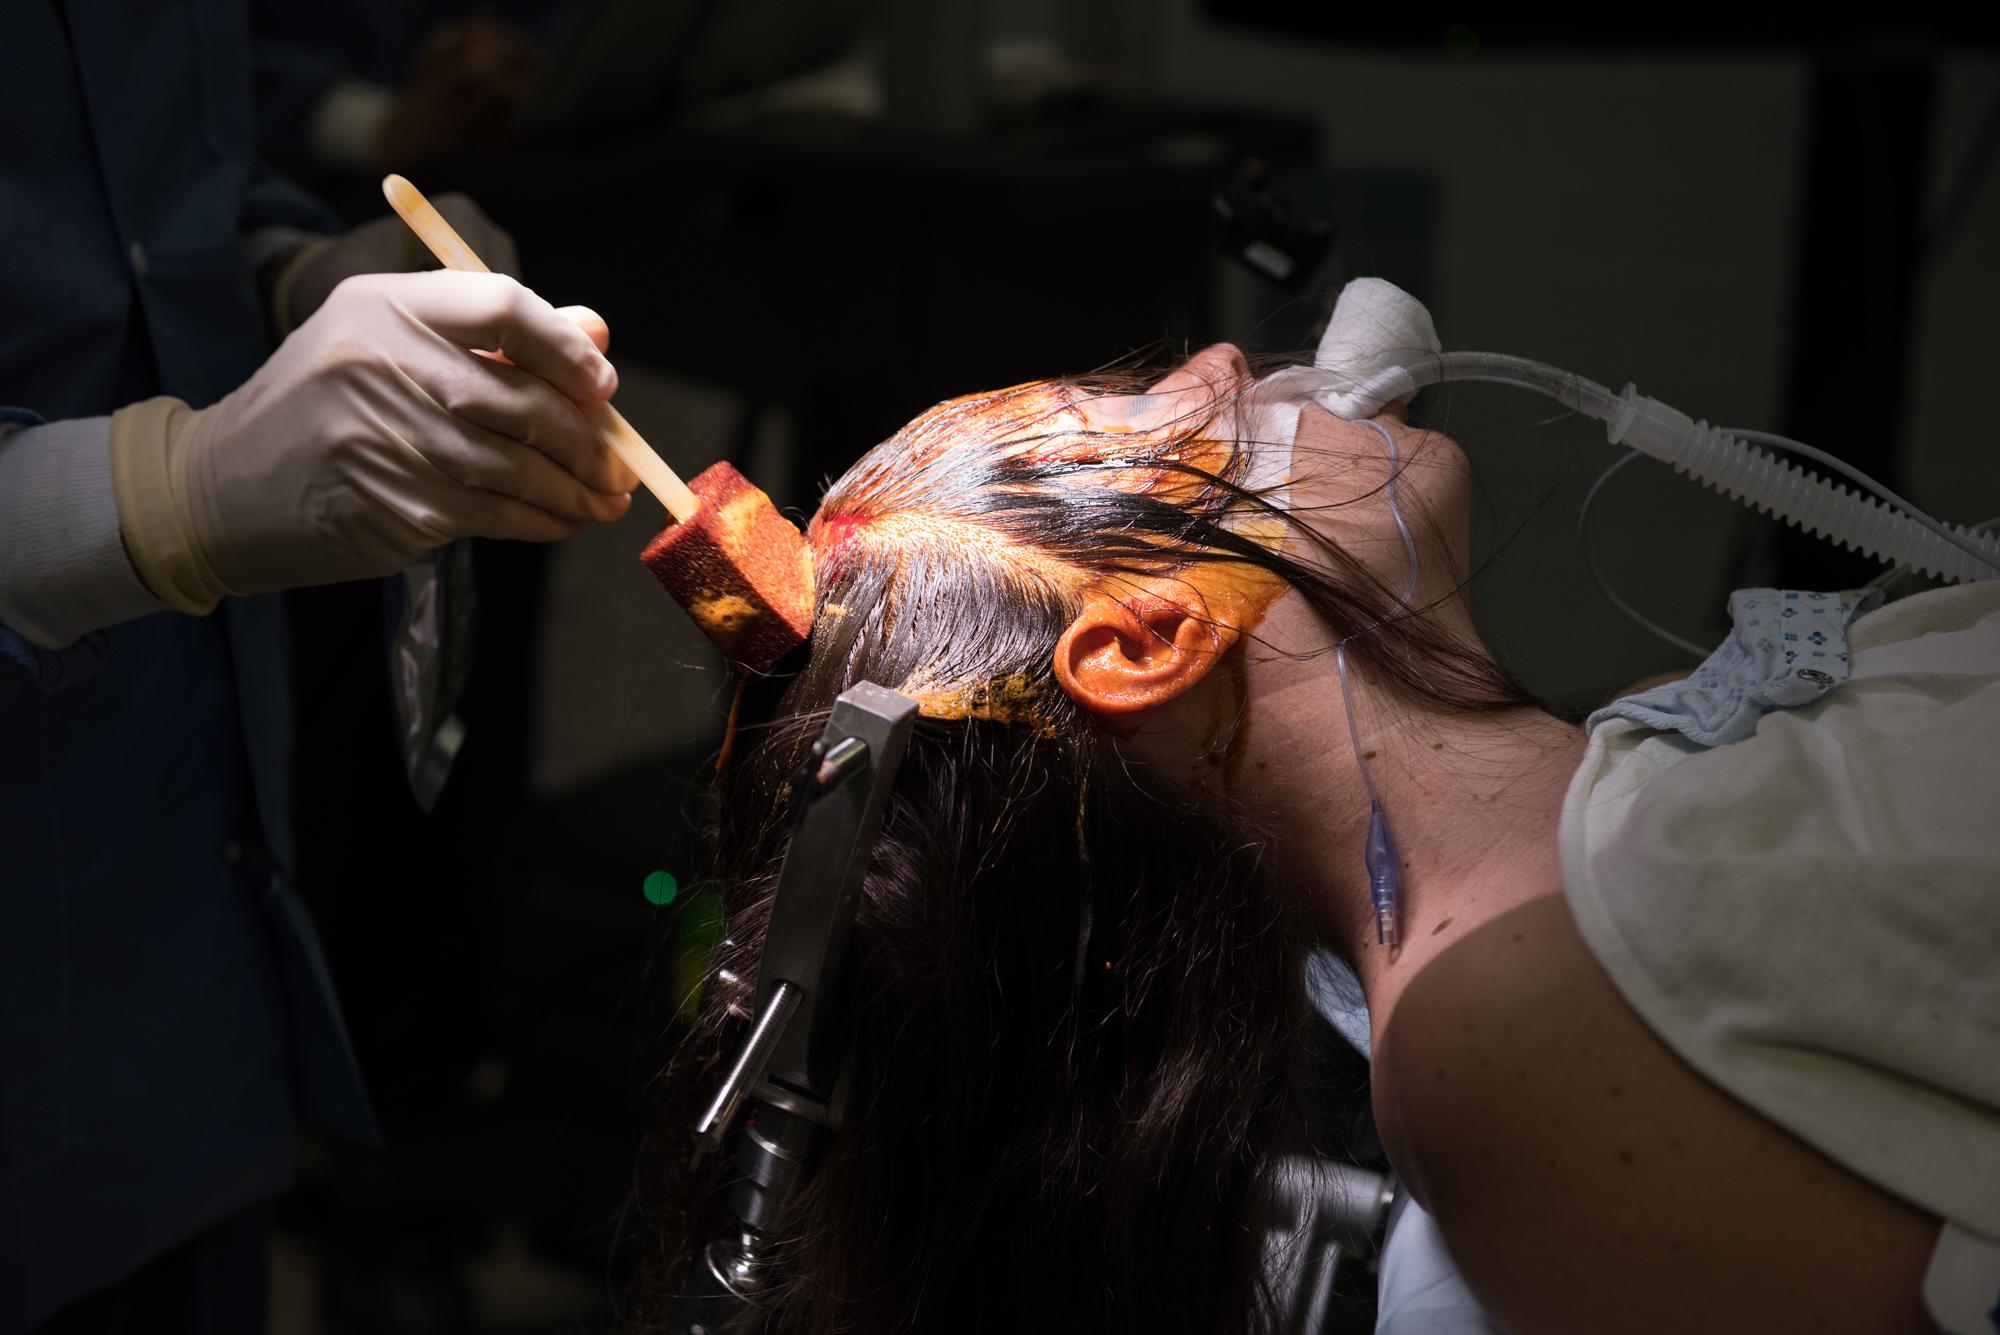 3D_Brain_Surgery_01.jpg